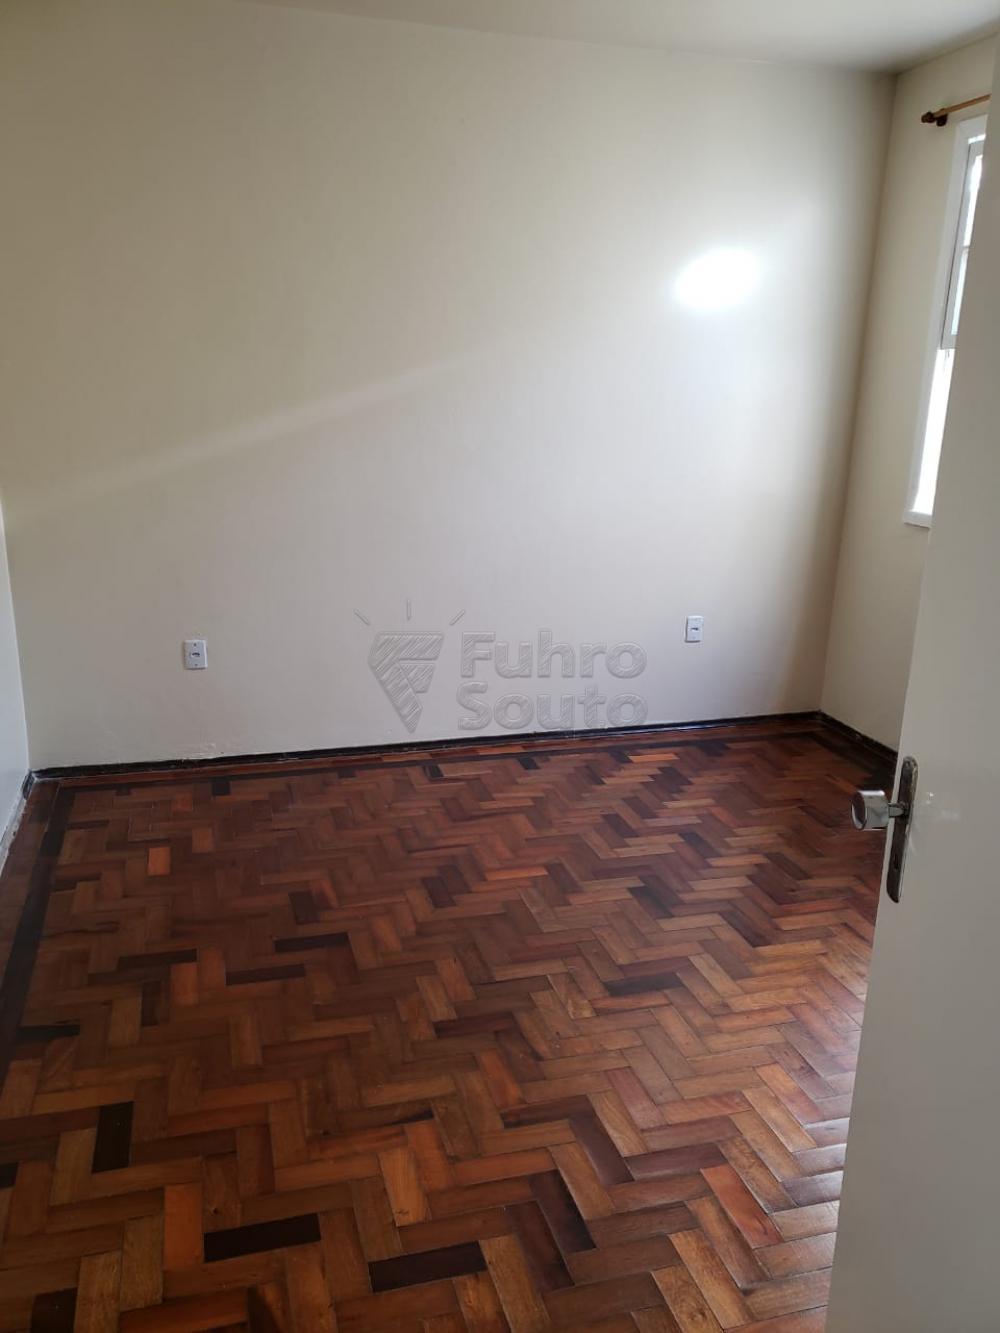 Comprar Comercial / Prédio em Pelotas R$ 2.300.000,00 - Foto 3